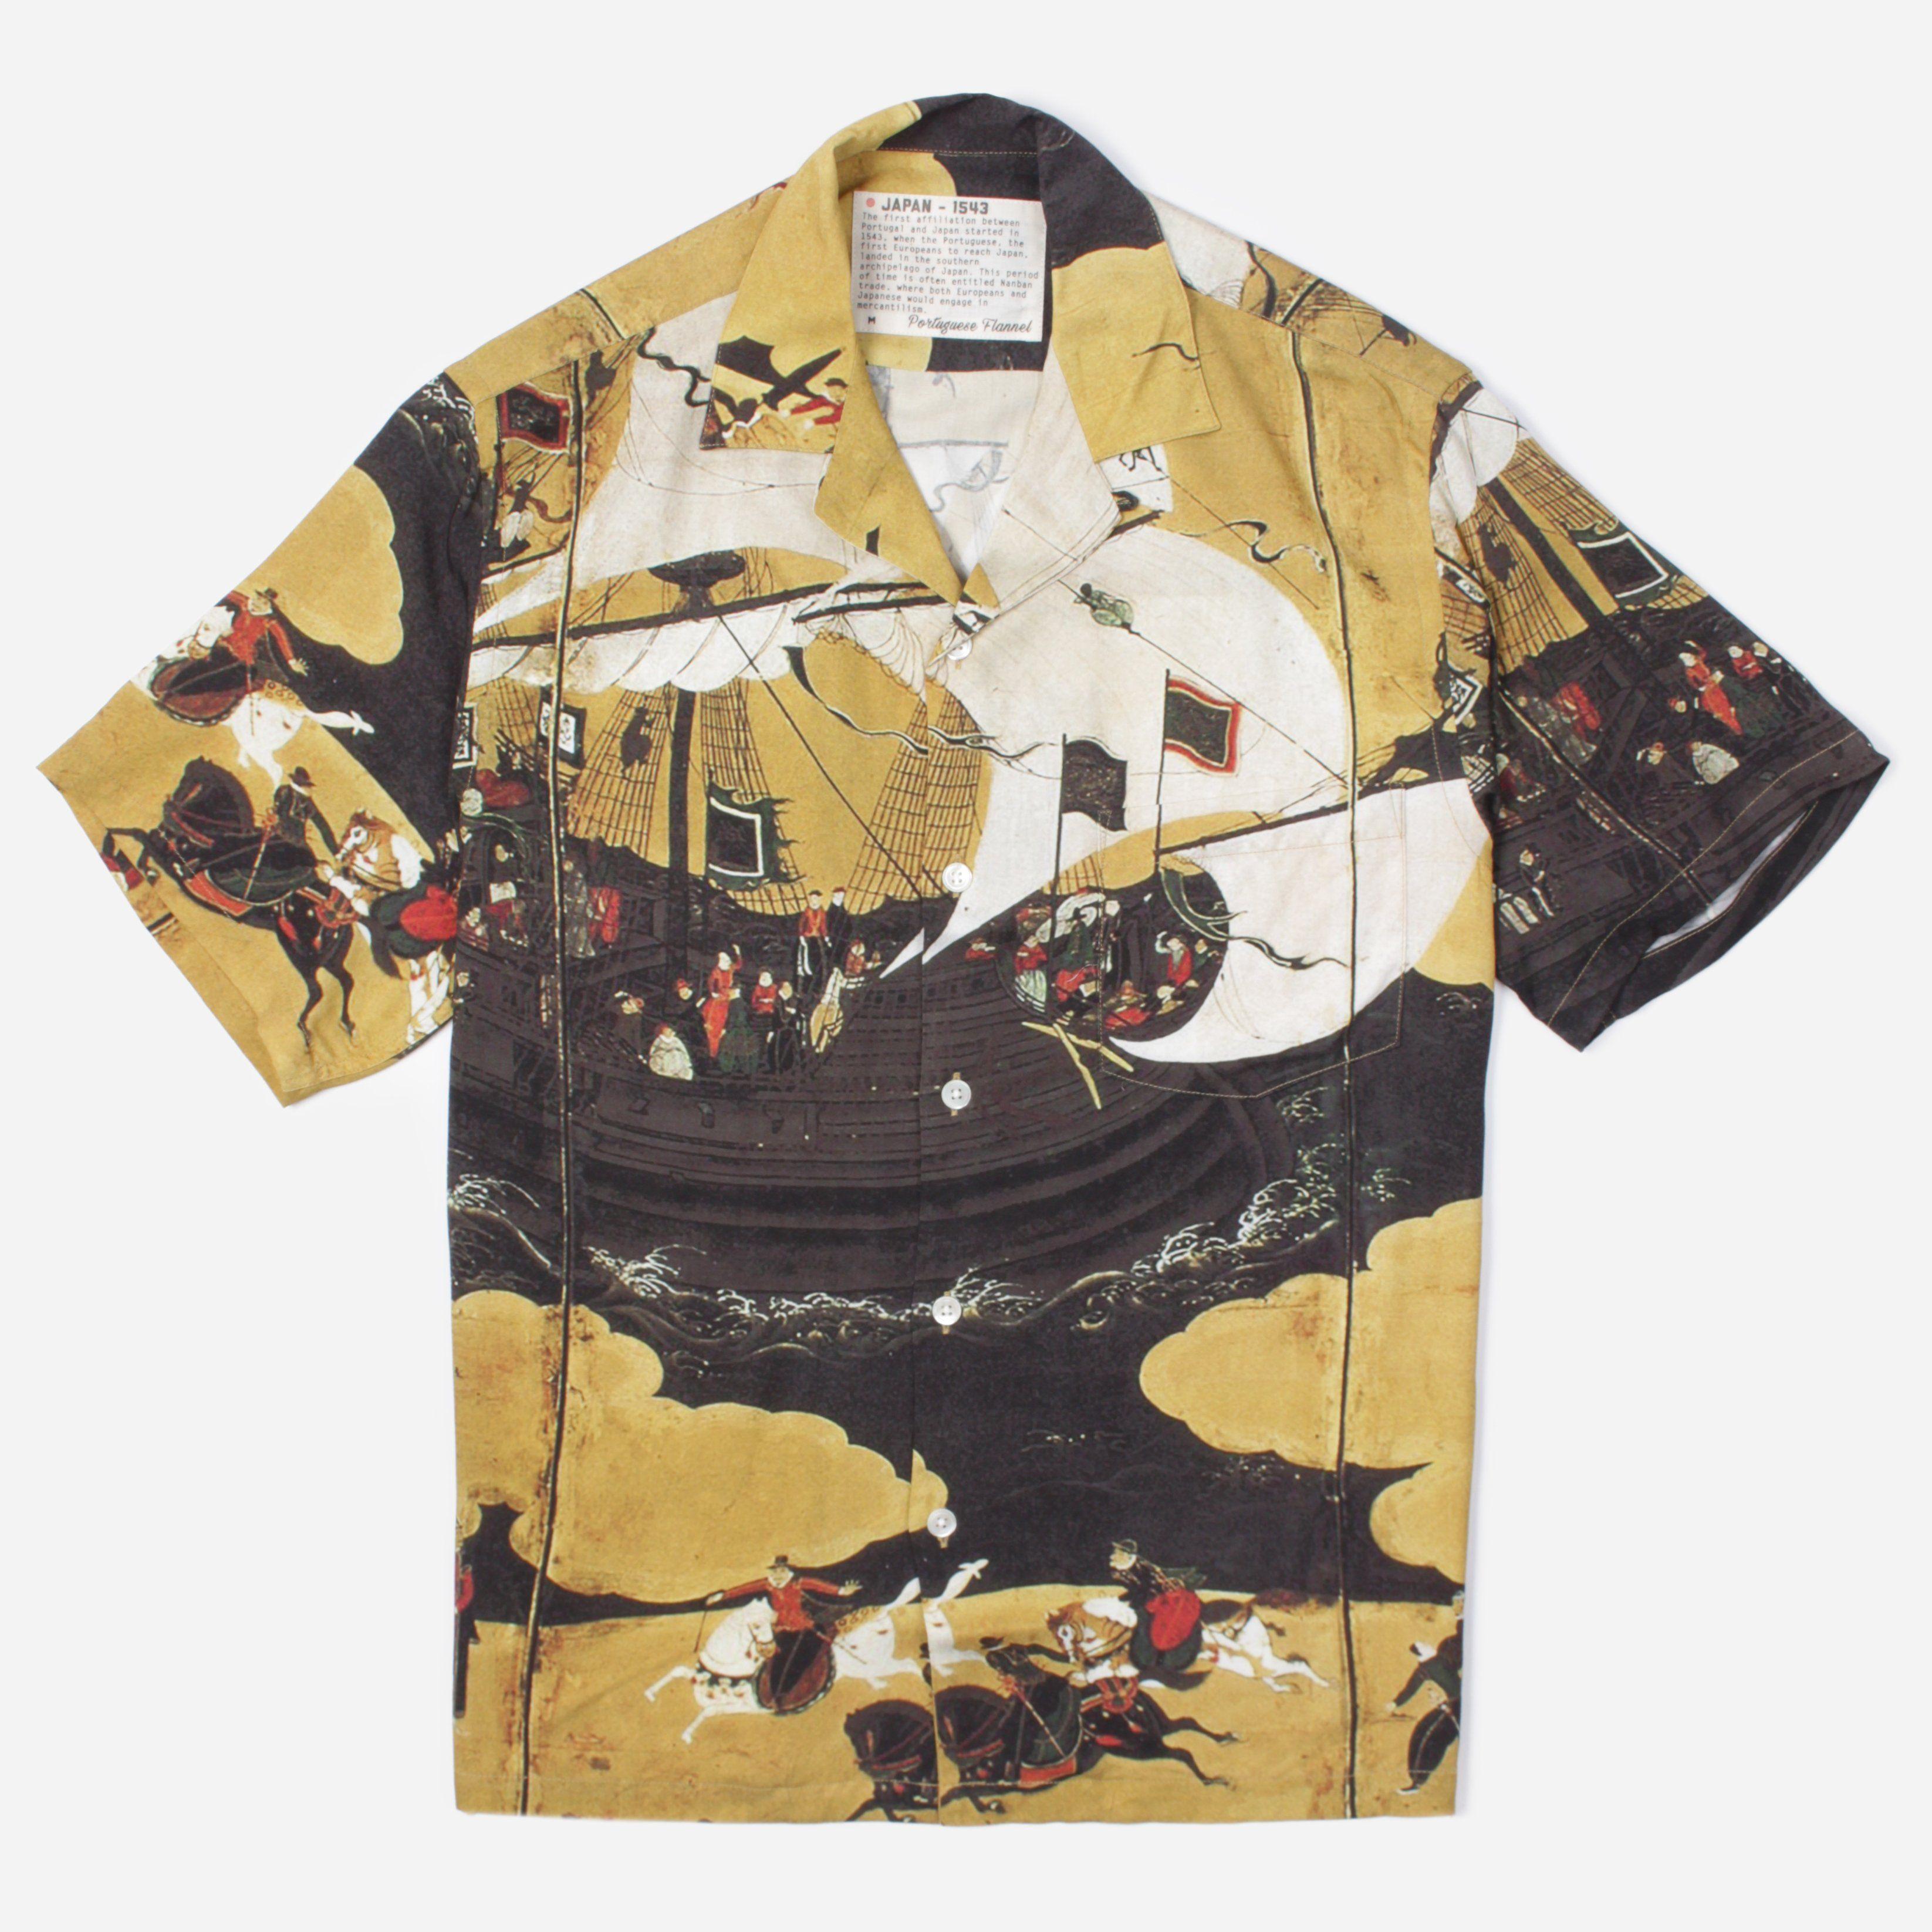 Portuguese Flannel JAPAN 1543 S/S SHIRT